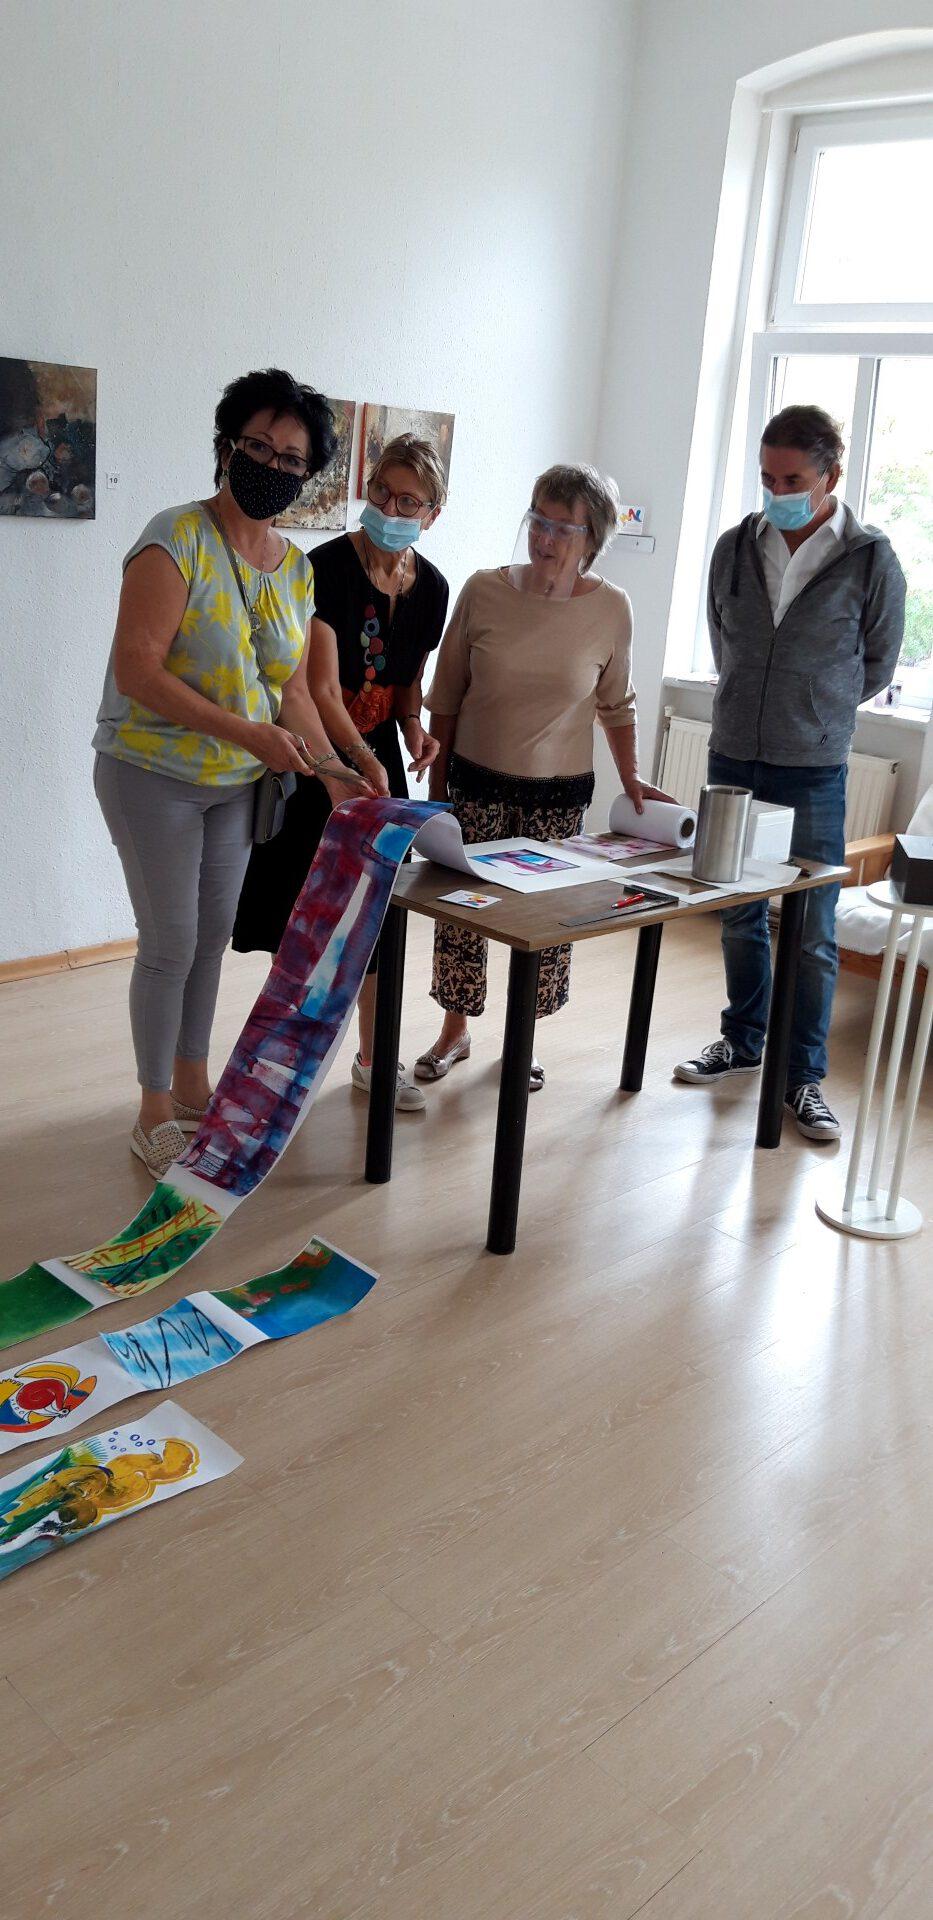 Kunst im Raum - Galerie im ersten Stock: Ausstellung Anna Coucoutas